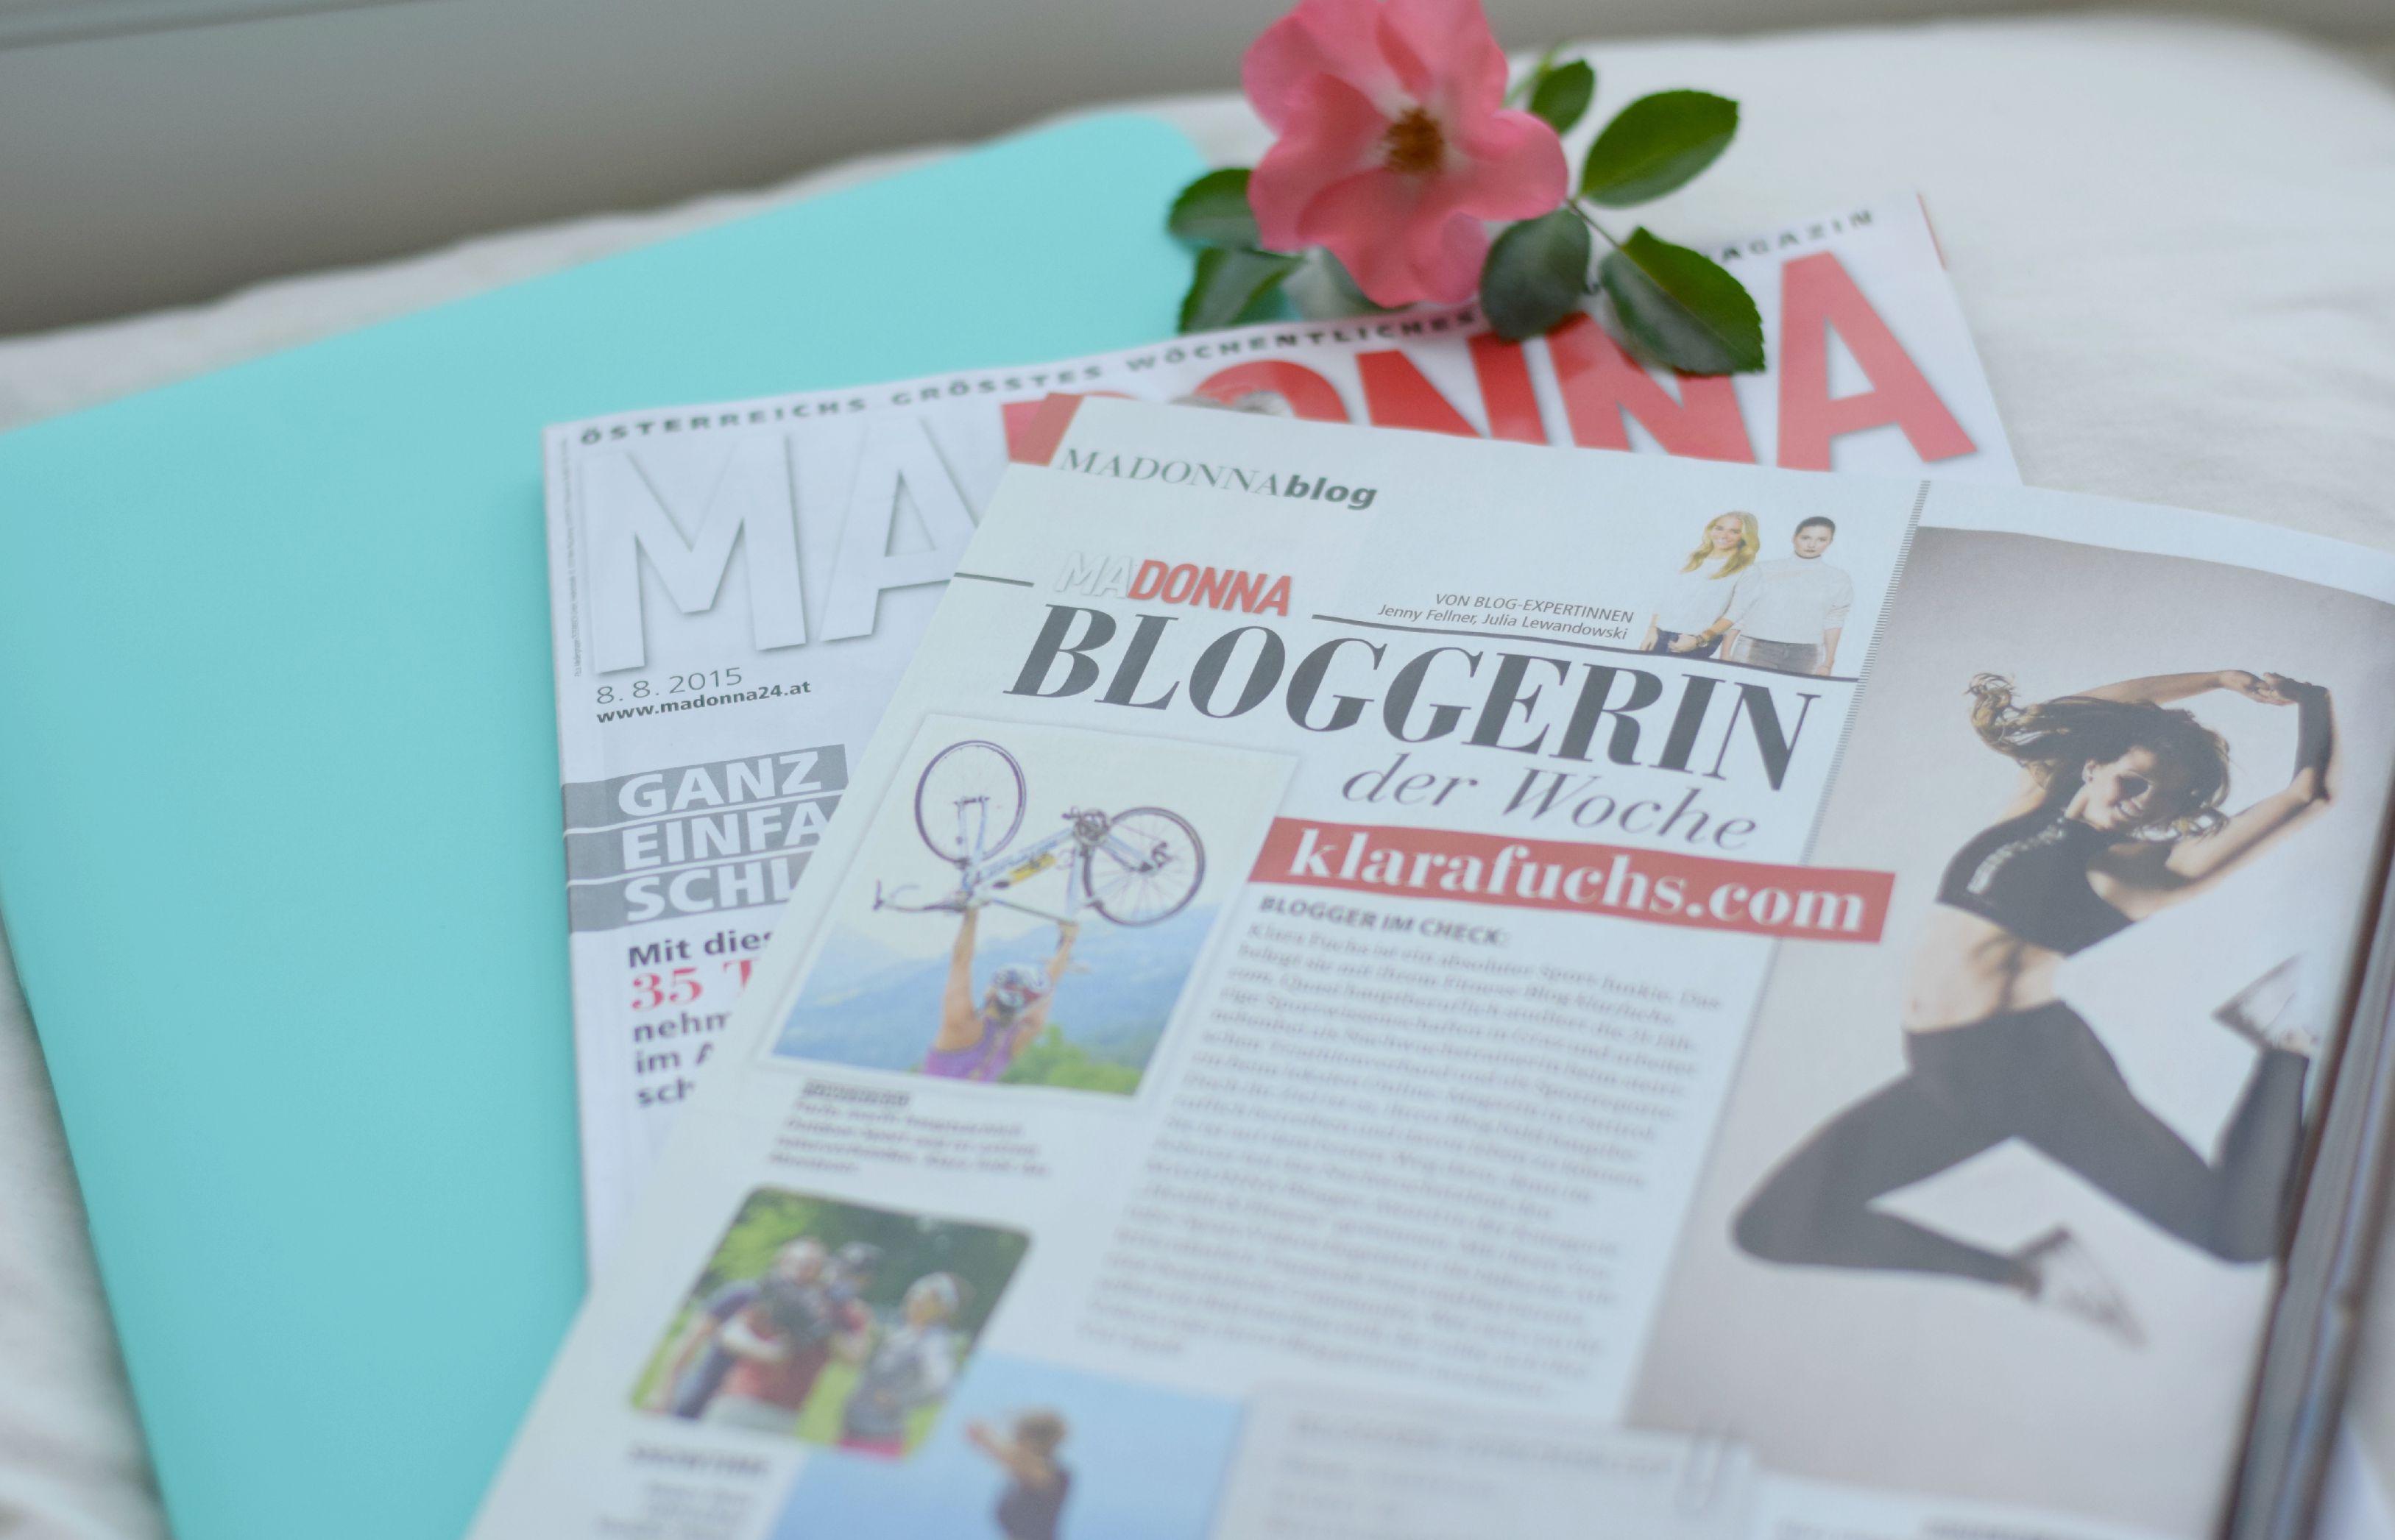 KlaraFuchs-Madonna-Blogger2